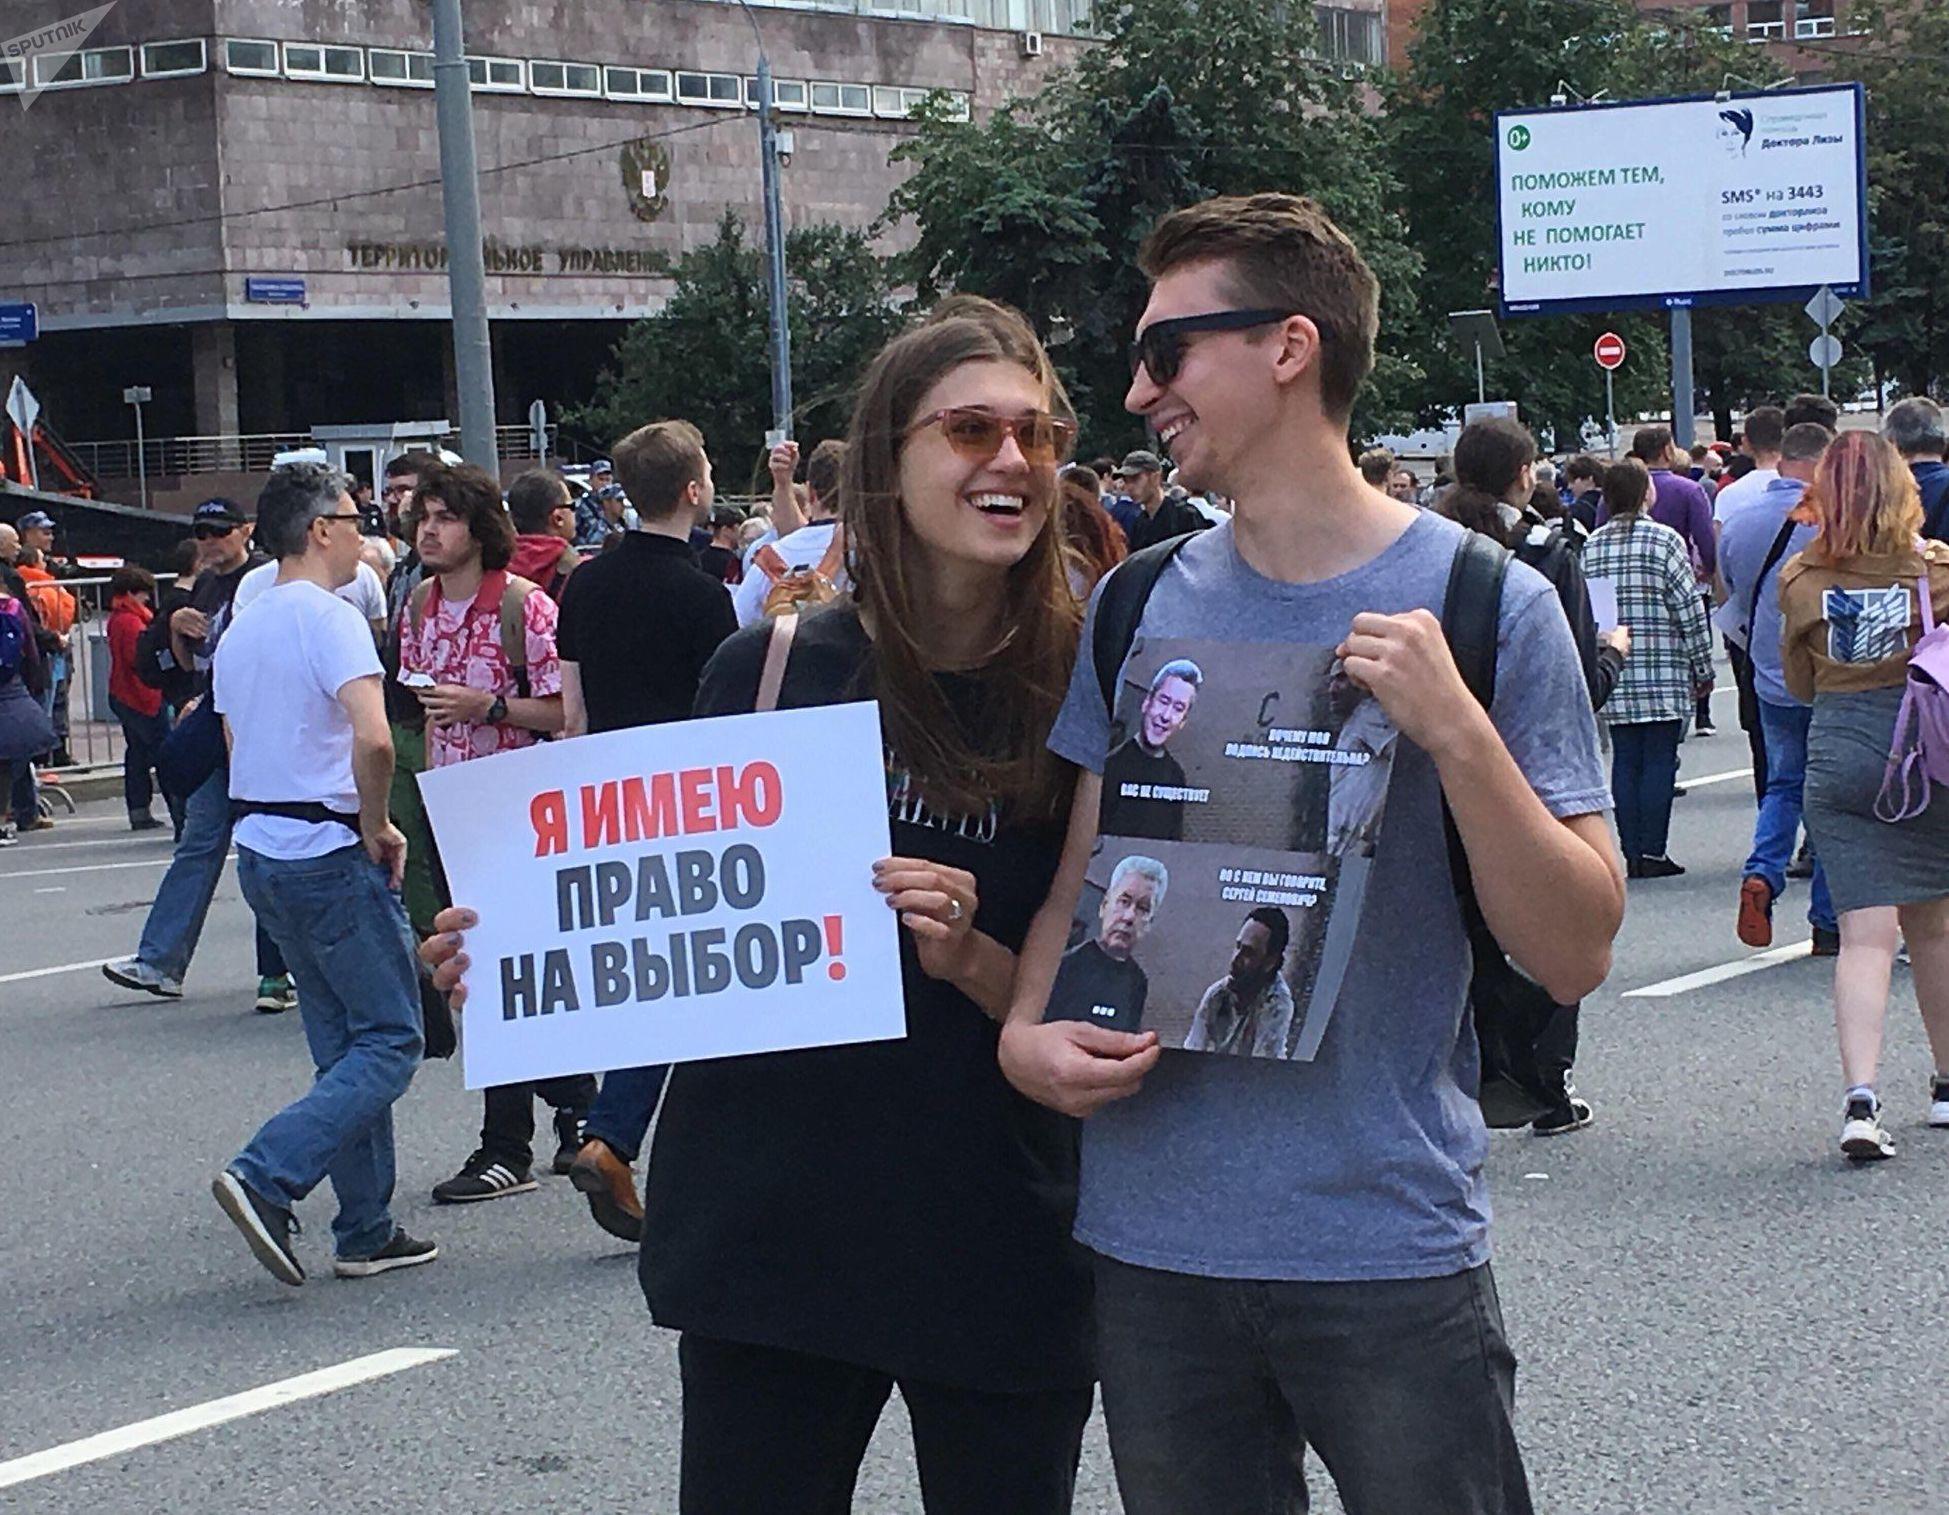 Des manifestants avec une pancarte «J'ai le droit de choisir» lors d'un rassemblement pour la transparence des élections locales à Moscou, le 20 juillet